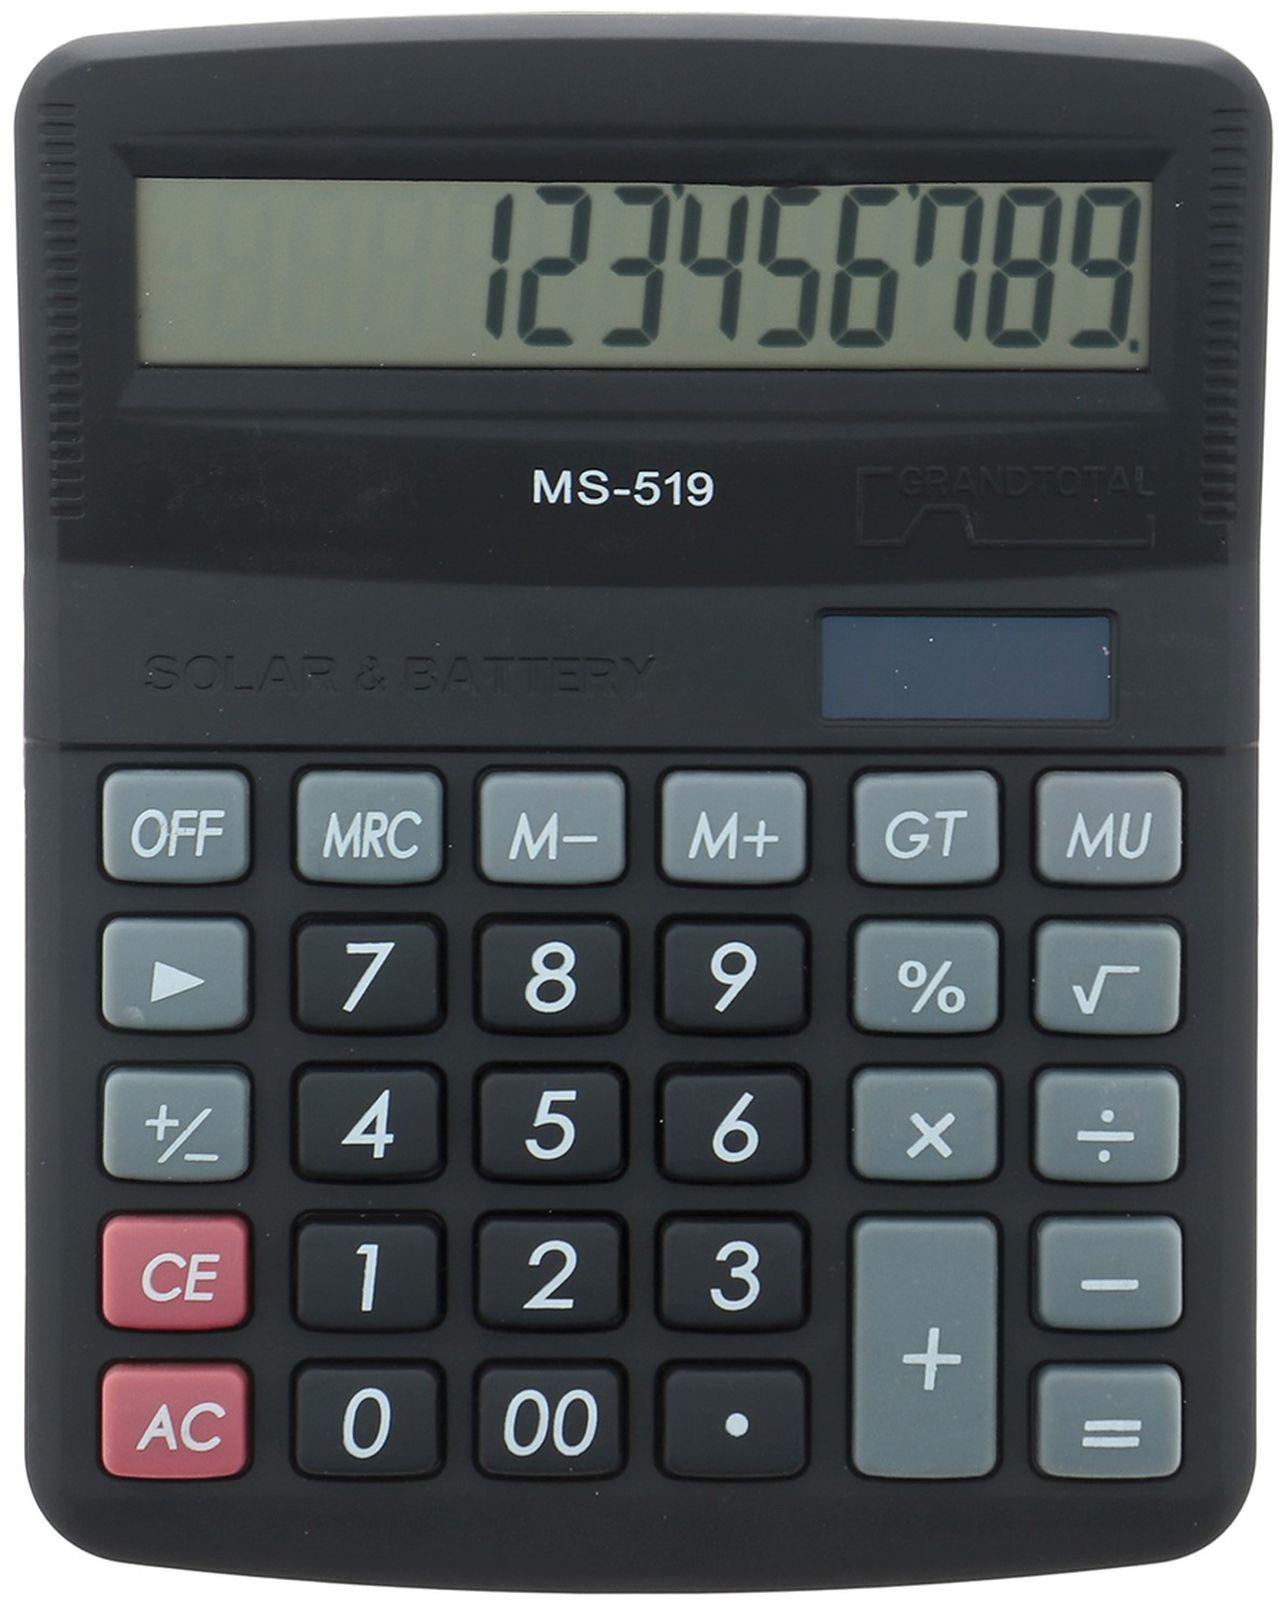 Калькулятор 519-MS, настольный, 12-разрядный, 1151878, мультиколор